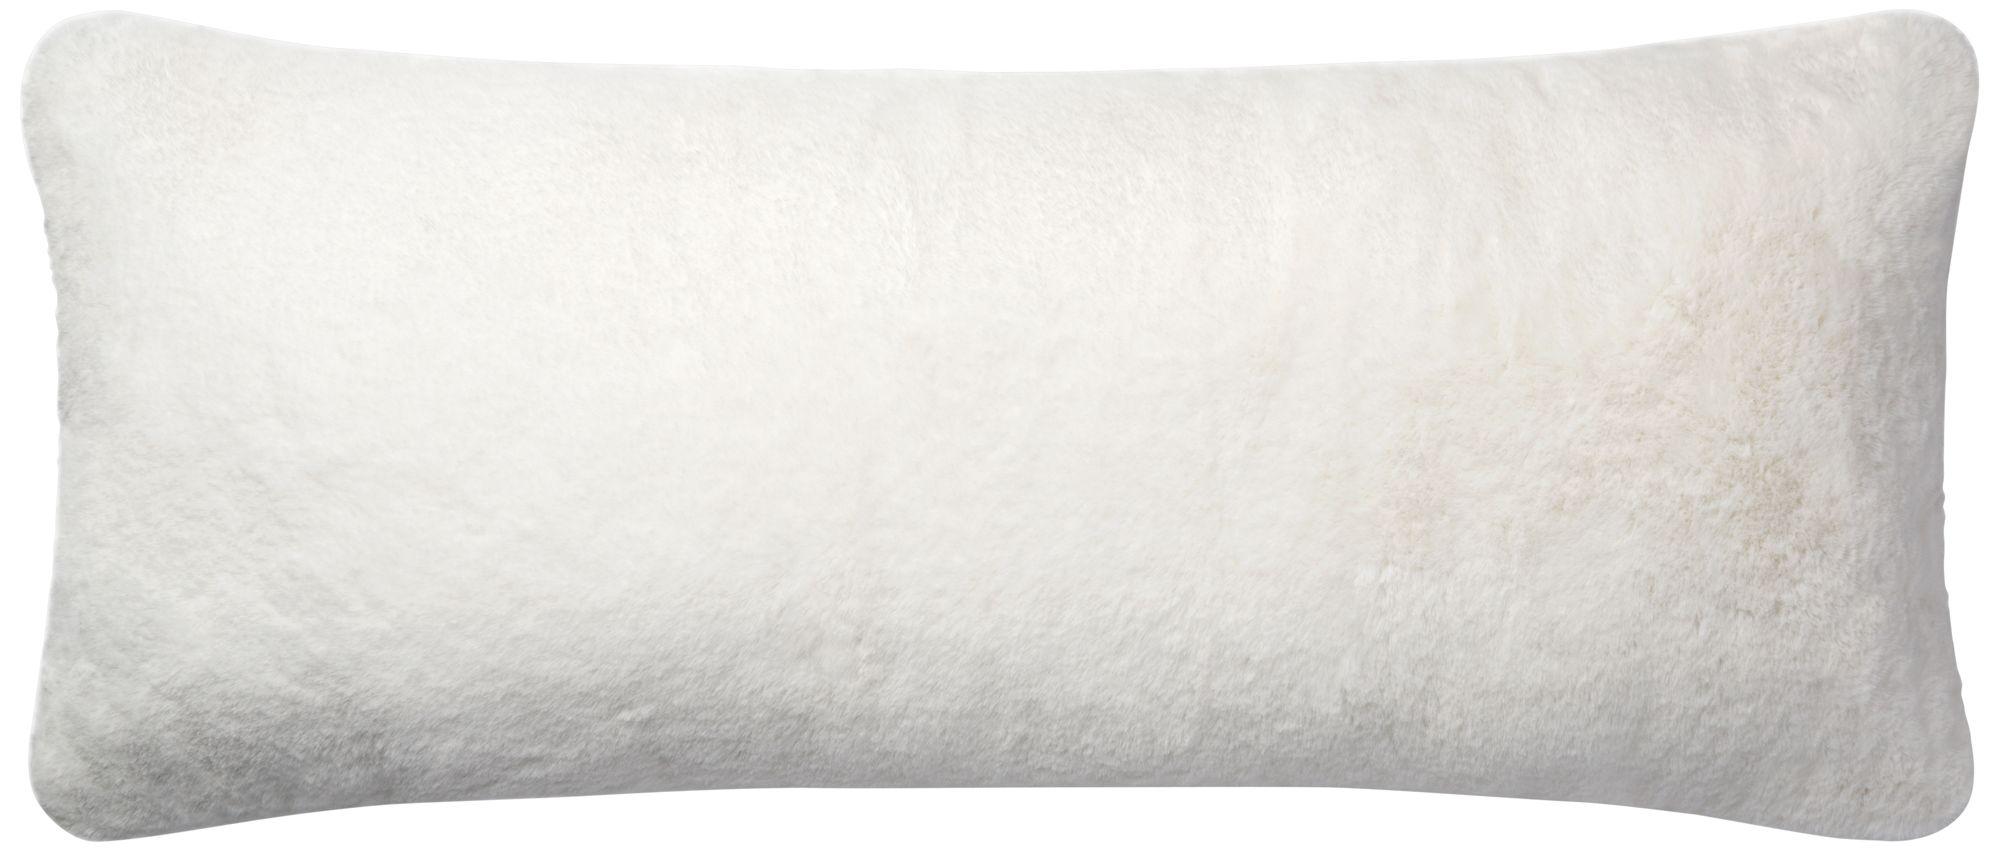 loloi white 13 x35 rectangular throw pillow